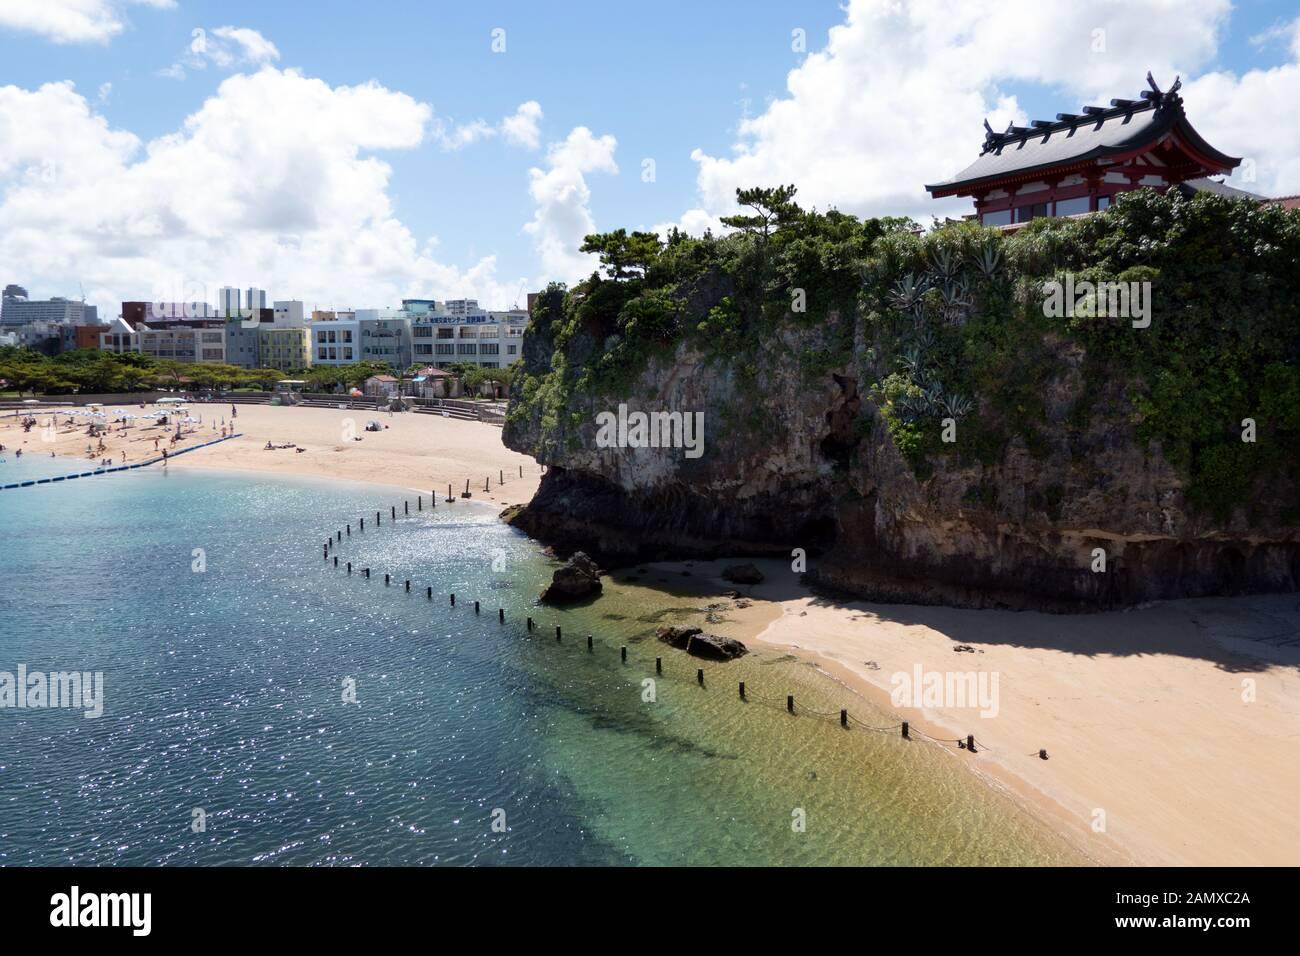 Santuario de Naminoue cerca de la playa en Naha, Okinawa, Japón, Asia. Gente japonesa nadando. Agua cristalina de mar con edificio religioso y templo Shinto Foto de stock